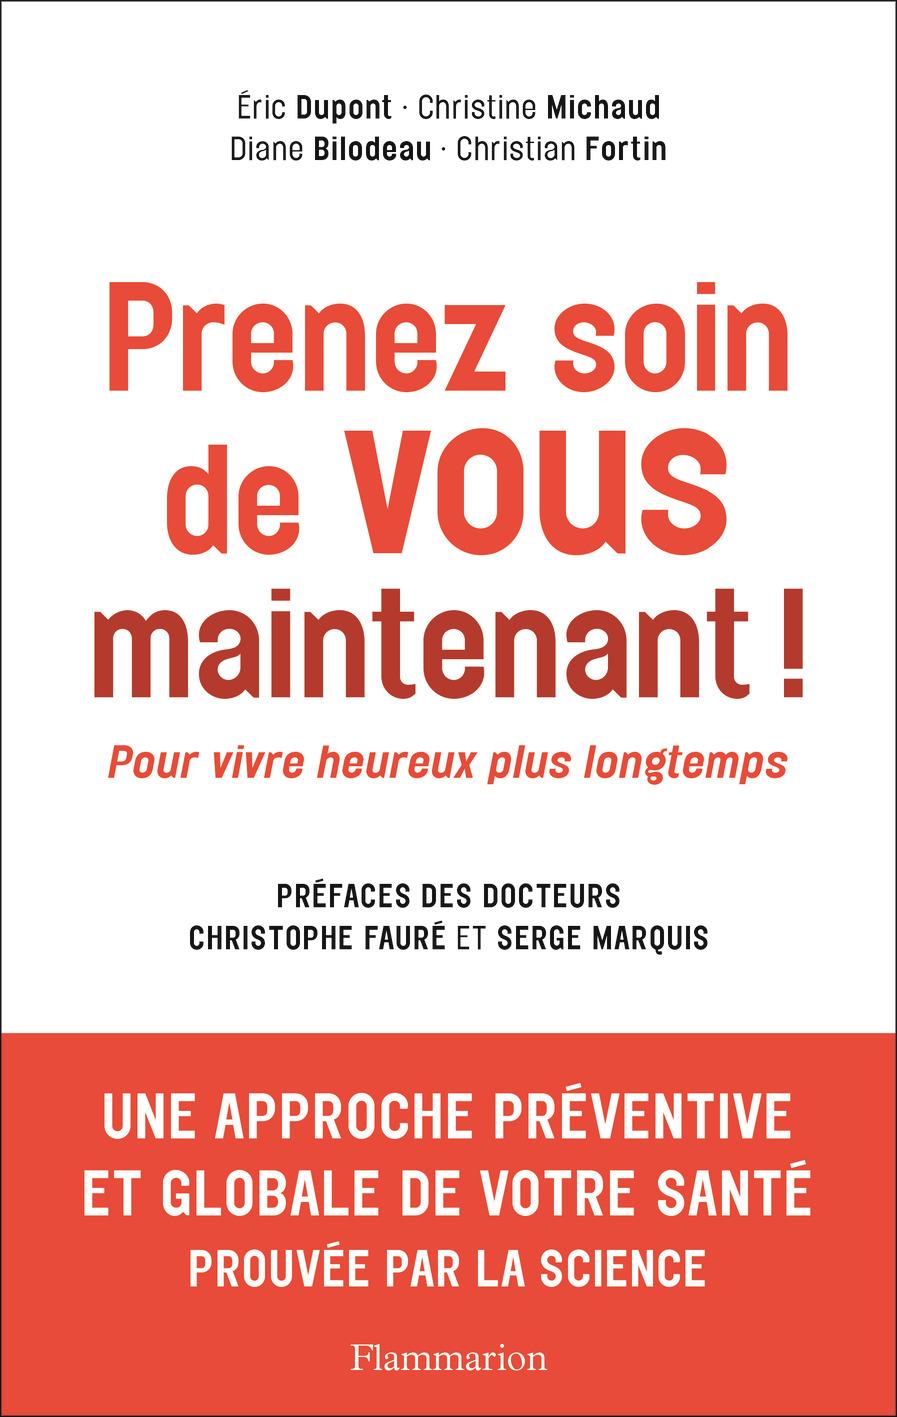 PRENEZ SOIN DE VOUS MAINTENANT ! - POUR VIVRE HEUREUX PLUS LONGTEMPS